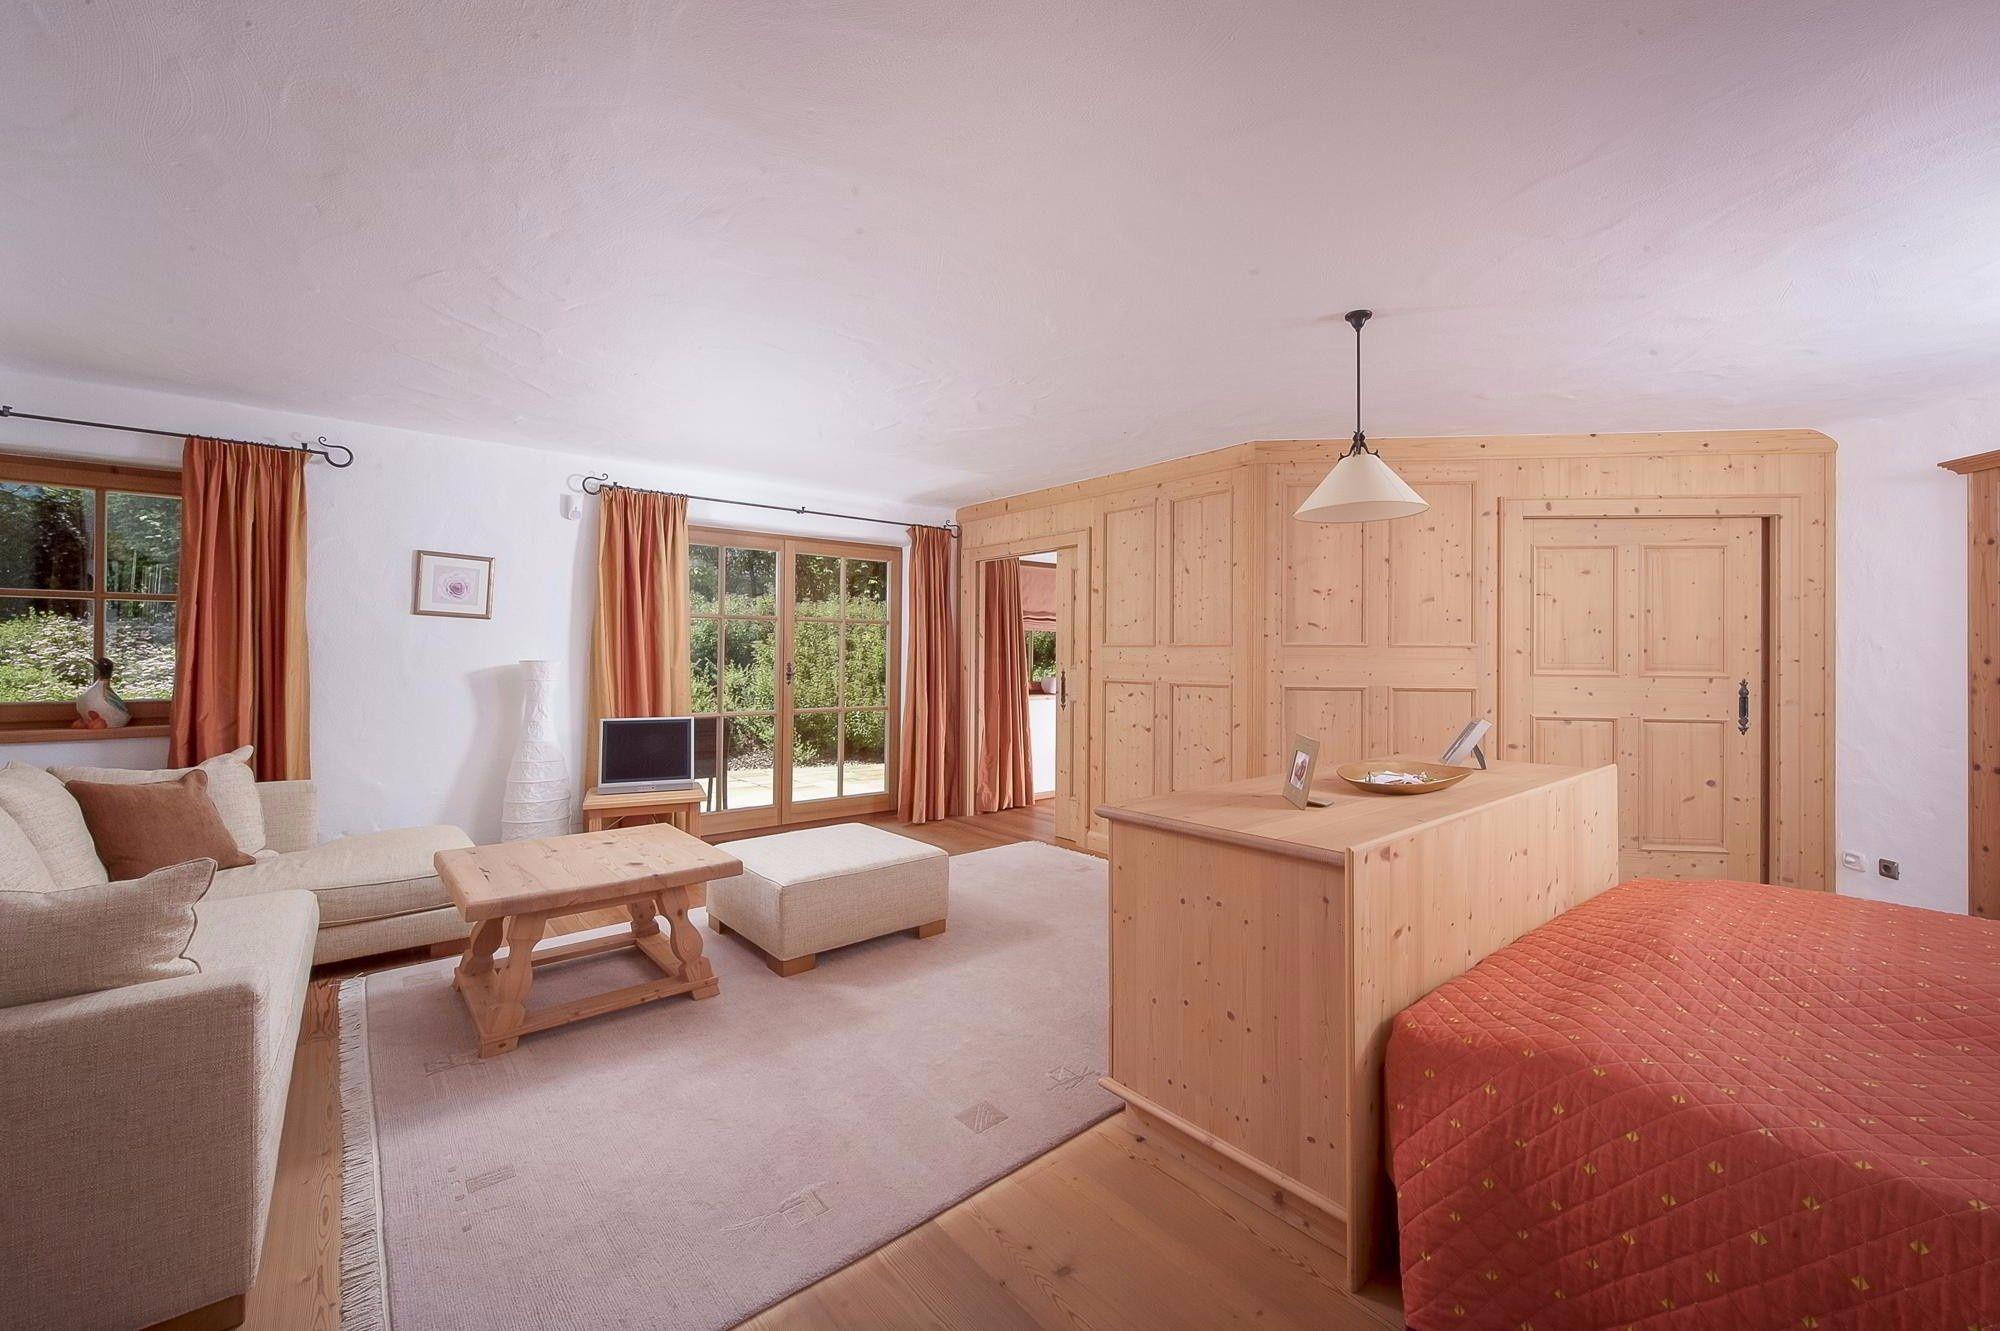 Qualitätvolles Landhaus in gefragter Wohngegend zwischen Reith und Kitzbühel - Reith bei Kitzbühel - Immobilien Kitzbühel von Cum Laude Immobilia